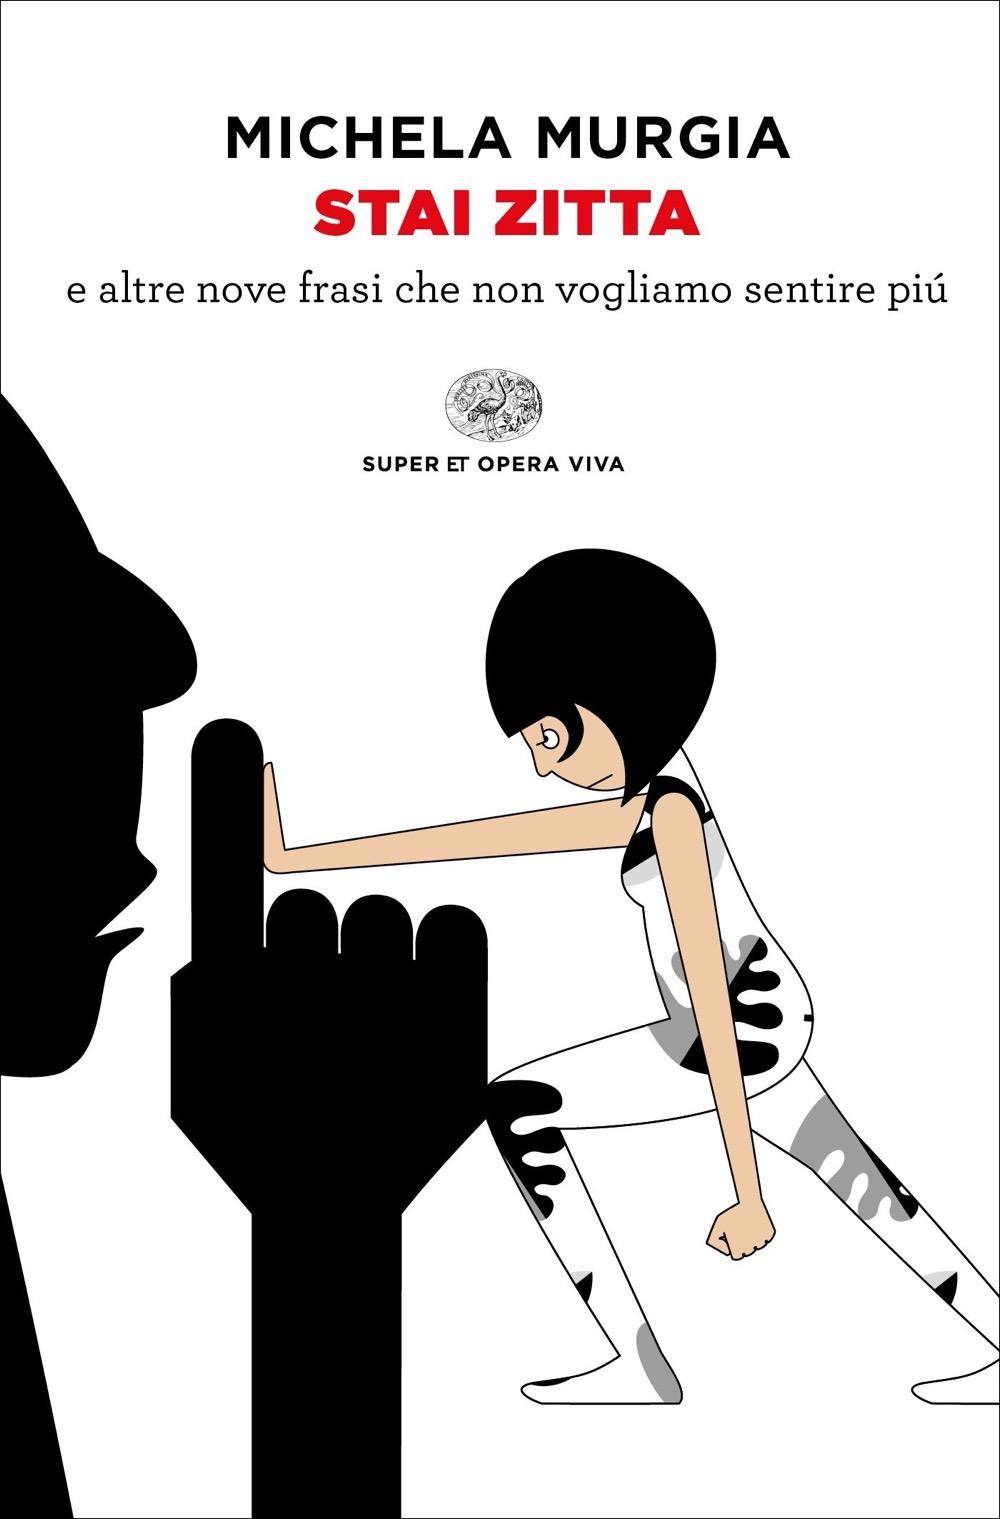 Stai zitta (e altre nove frasi che non vogliamo sentire più) firmato per Einaudi da Michela Murgia, che evidenzia il legame mortificante che esiste tra le ingiustizie che viviamo e le parole che sentiamo